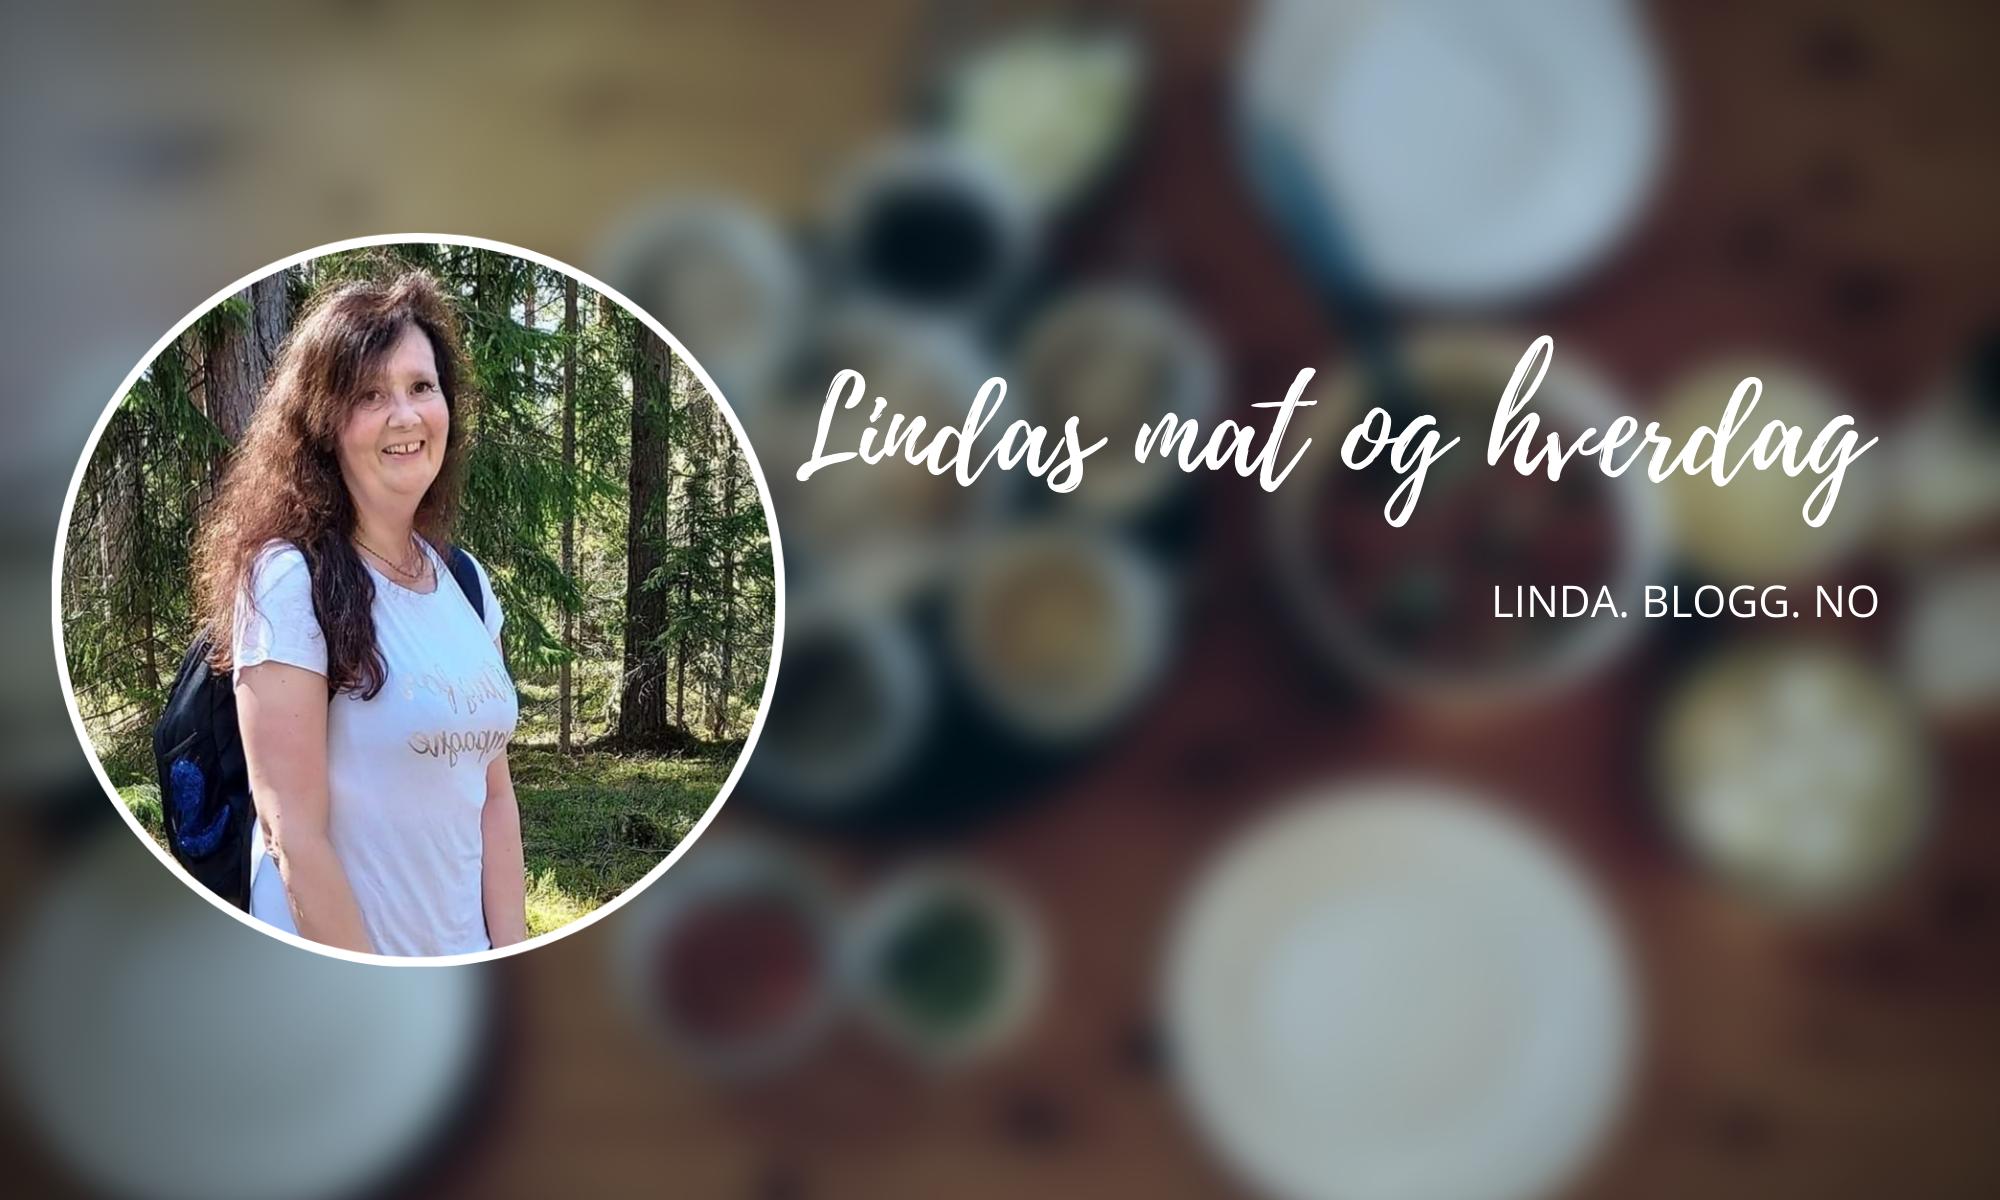 Lindas mat og hverdag